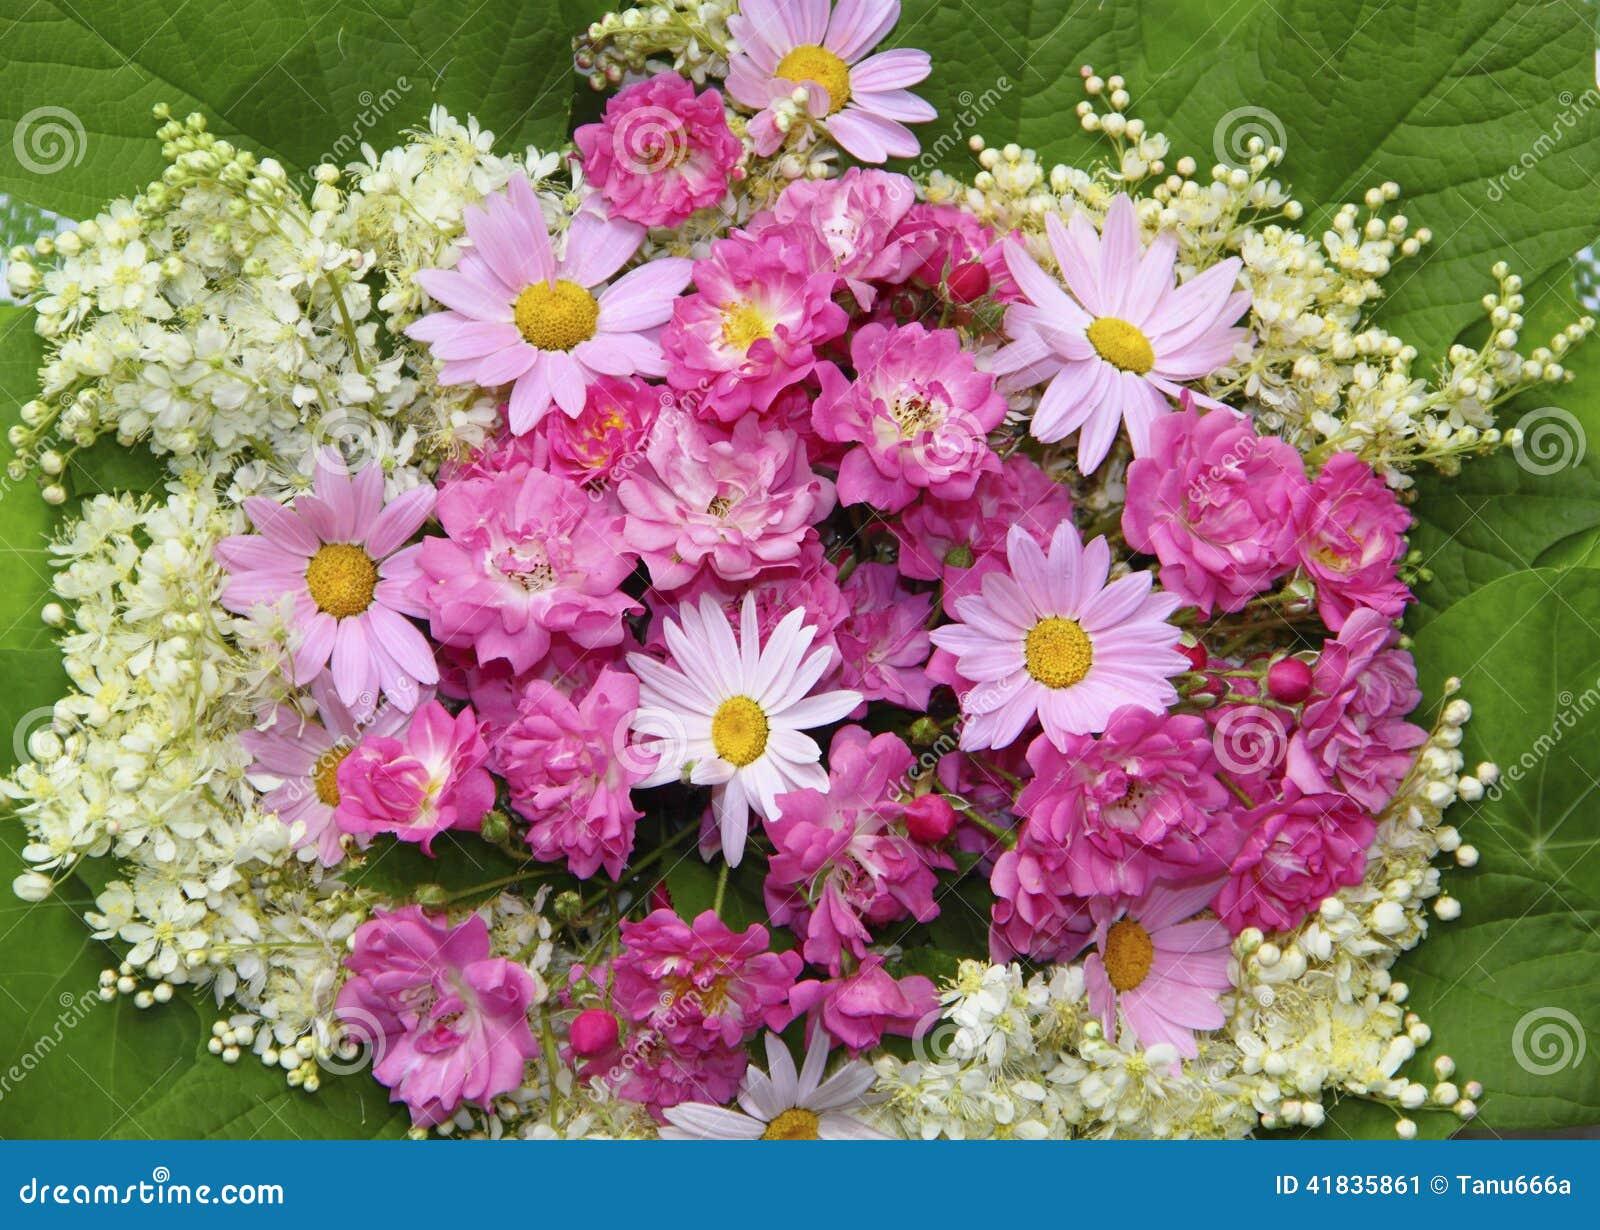 Fondo Colorido De La Flor Con Las Rosas Rosadas ...